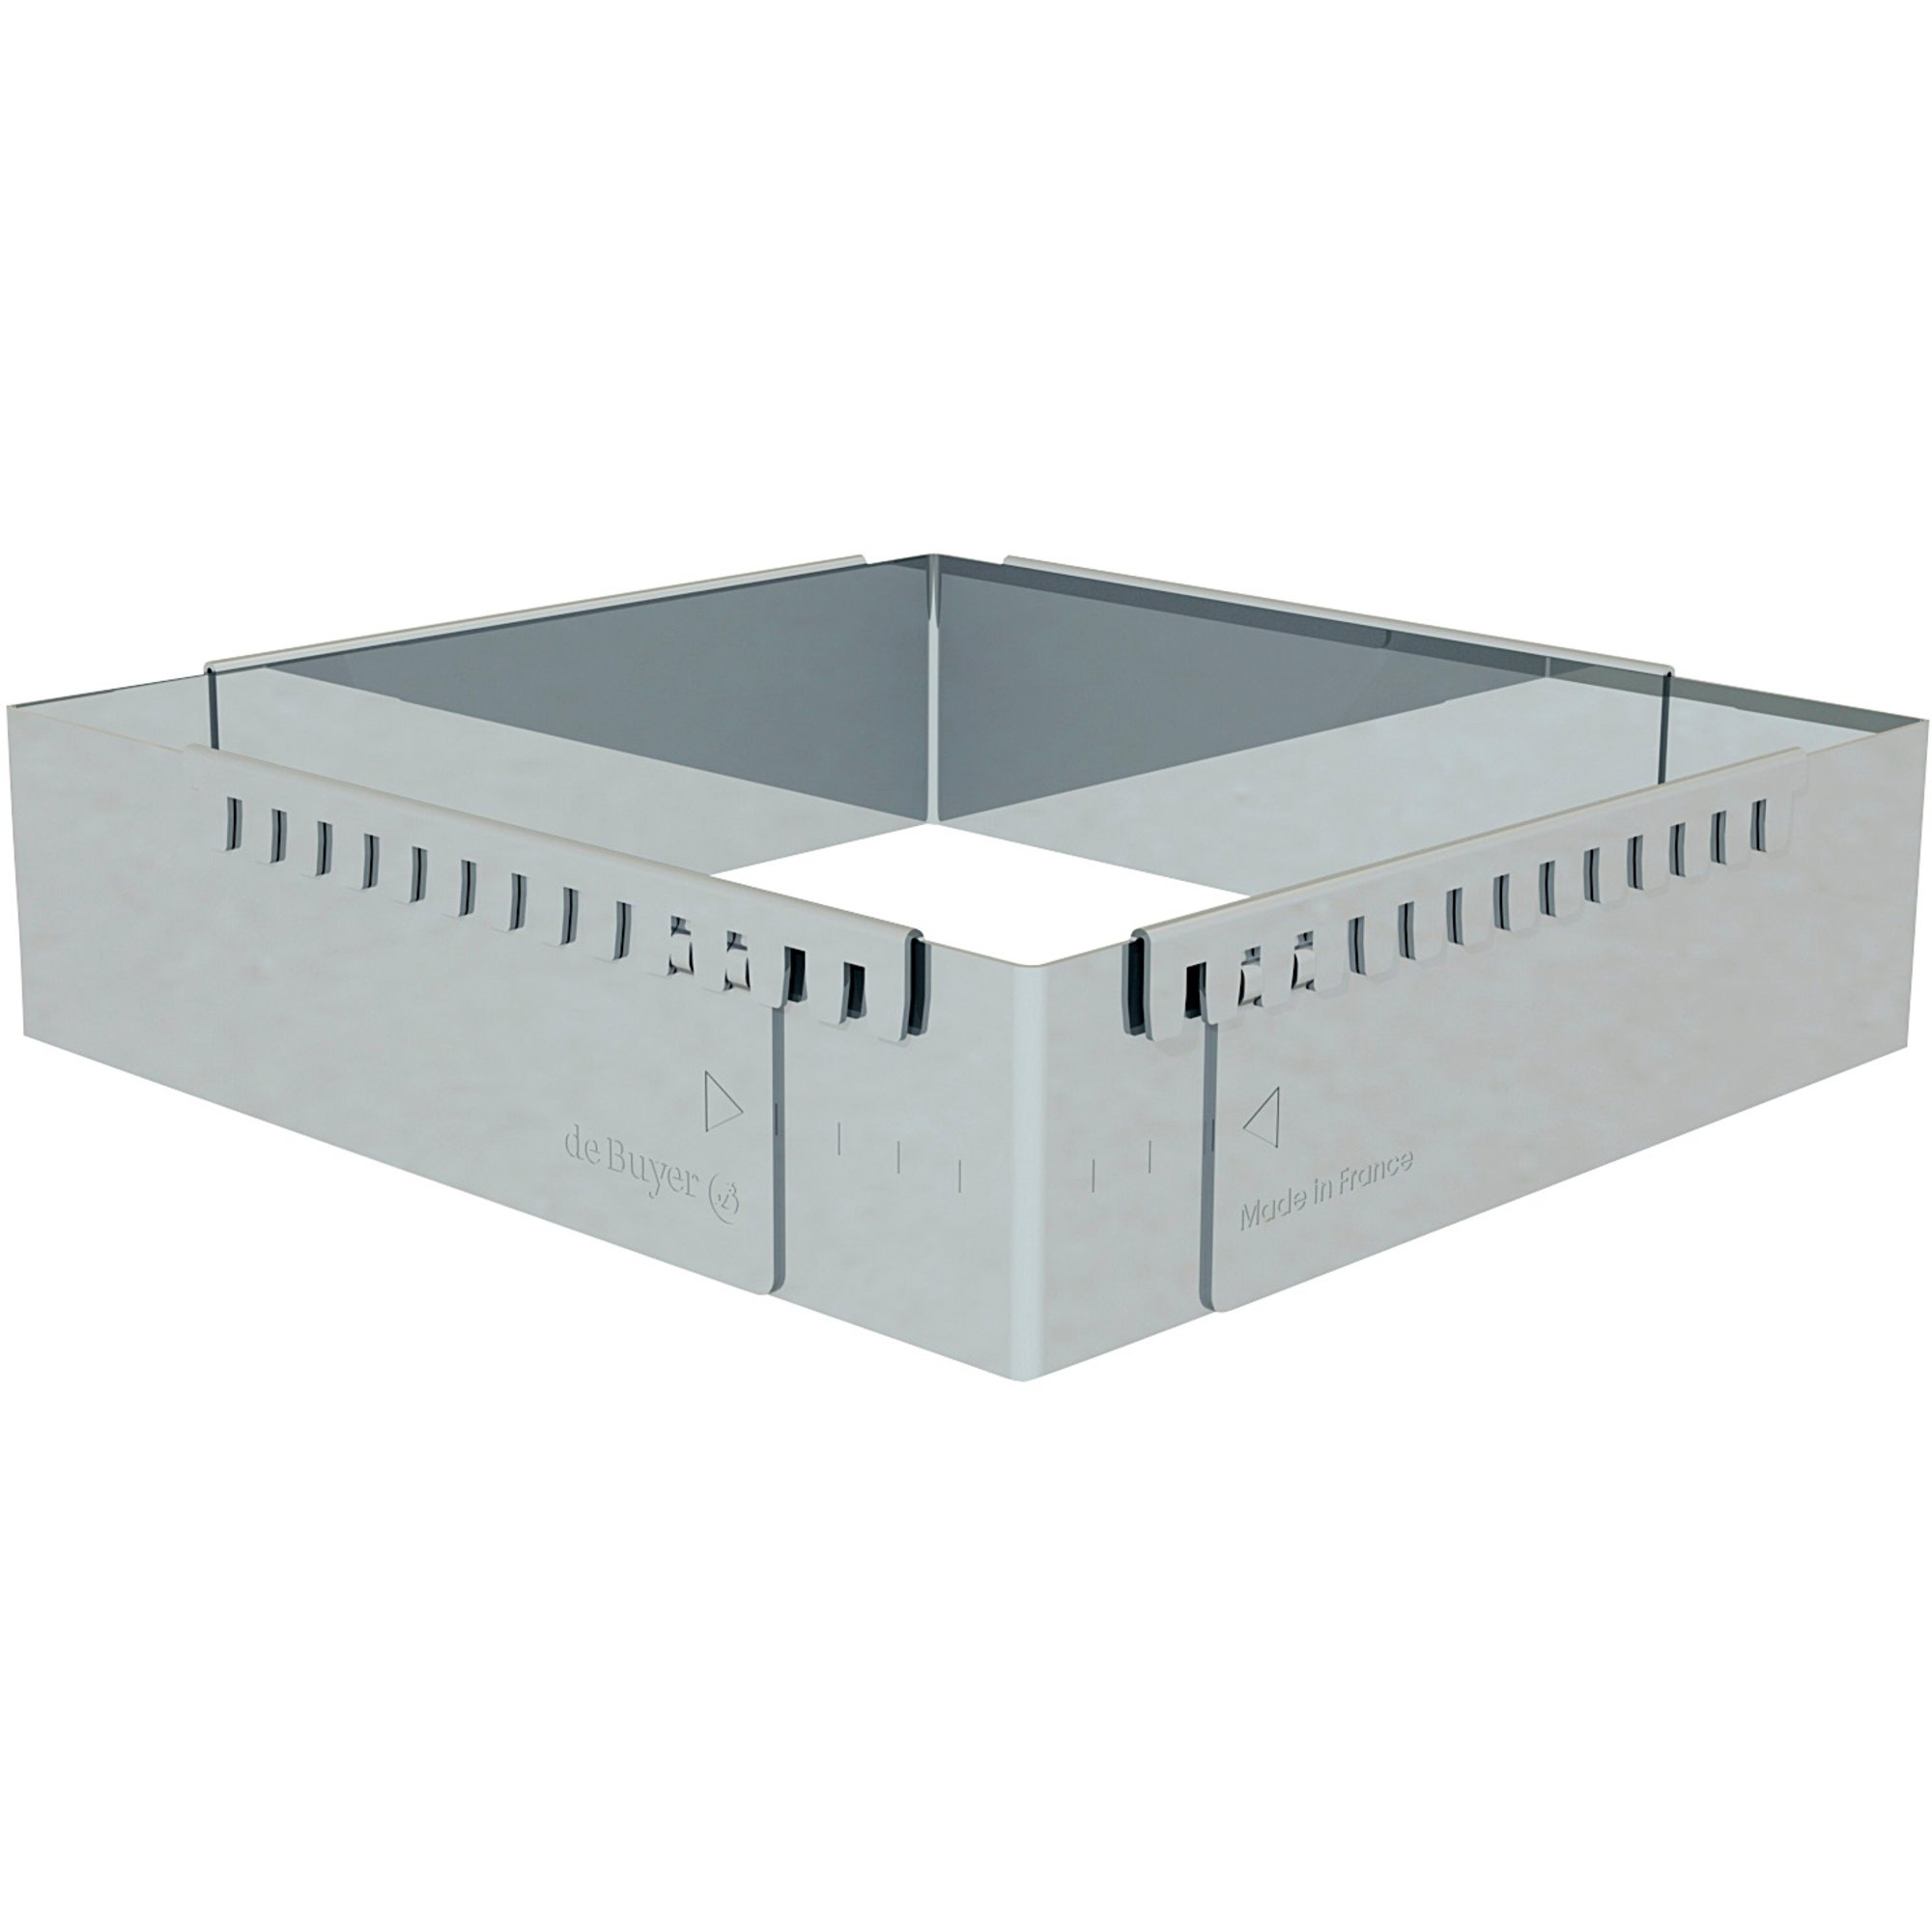 De Buyer Justerbar bakform 16 X 16 cm – 30 X 30 cm